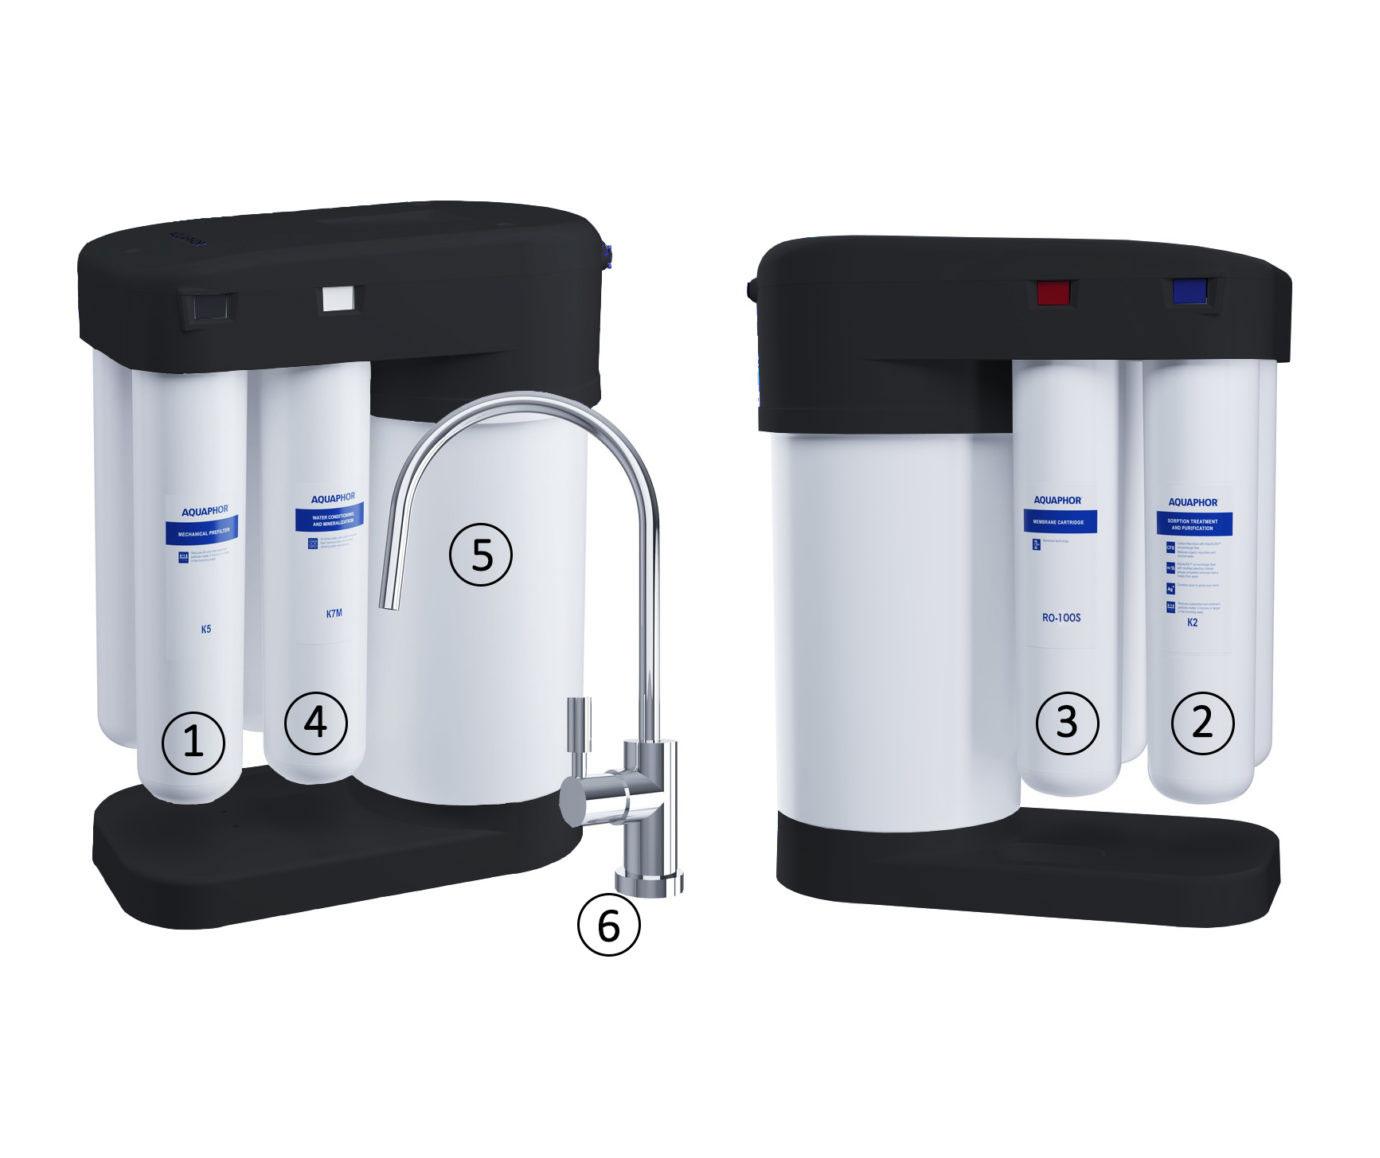 sistem-filtrare-cu-osmoza-inversa-aquaphor-ro-102s-morion-cu-remineralizare-2-mfrh-original-scaled-A